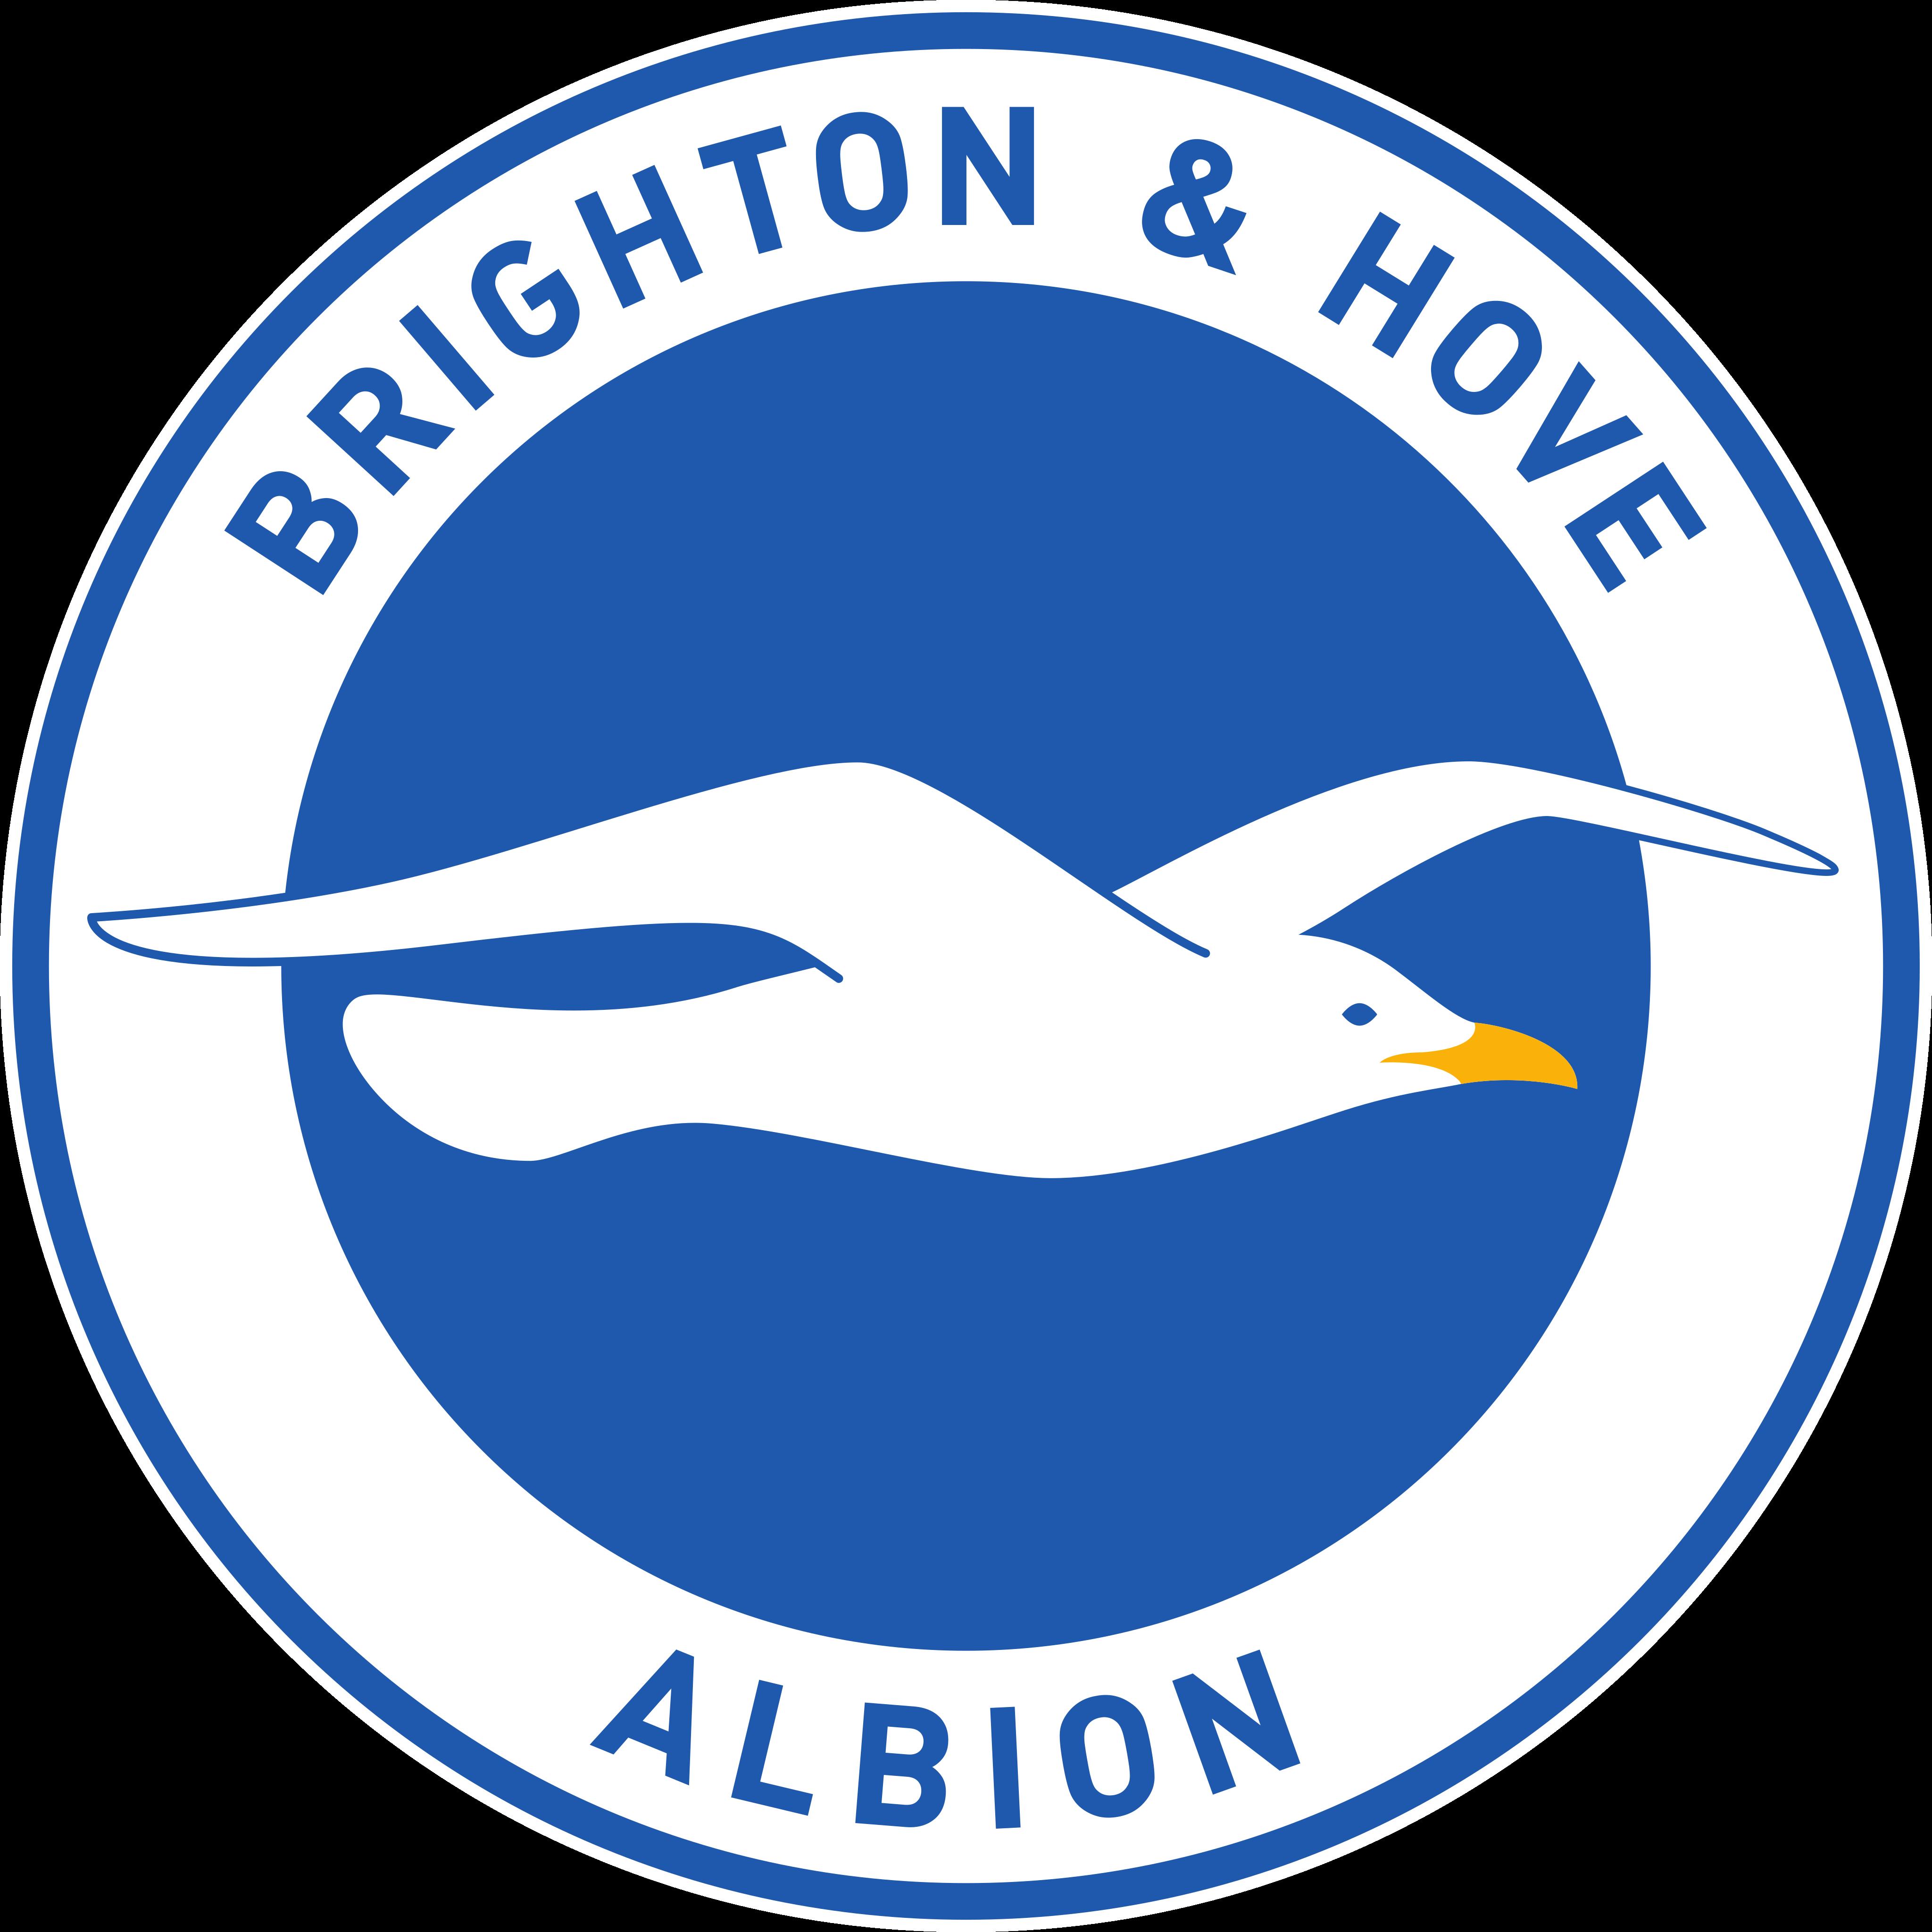 brighton hove albion logo - Brighton & Hove Albion FC Logo